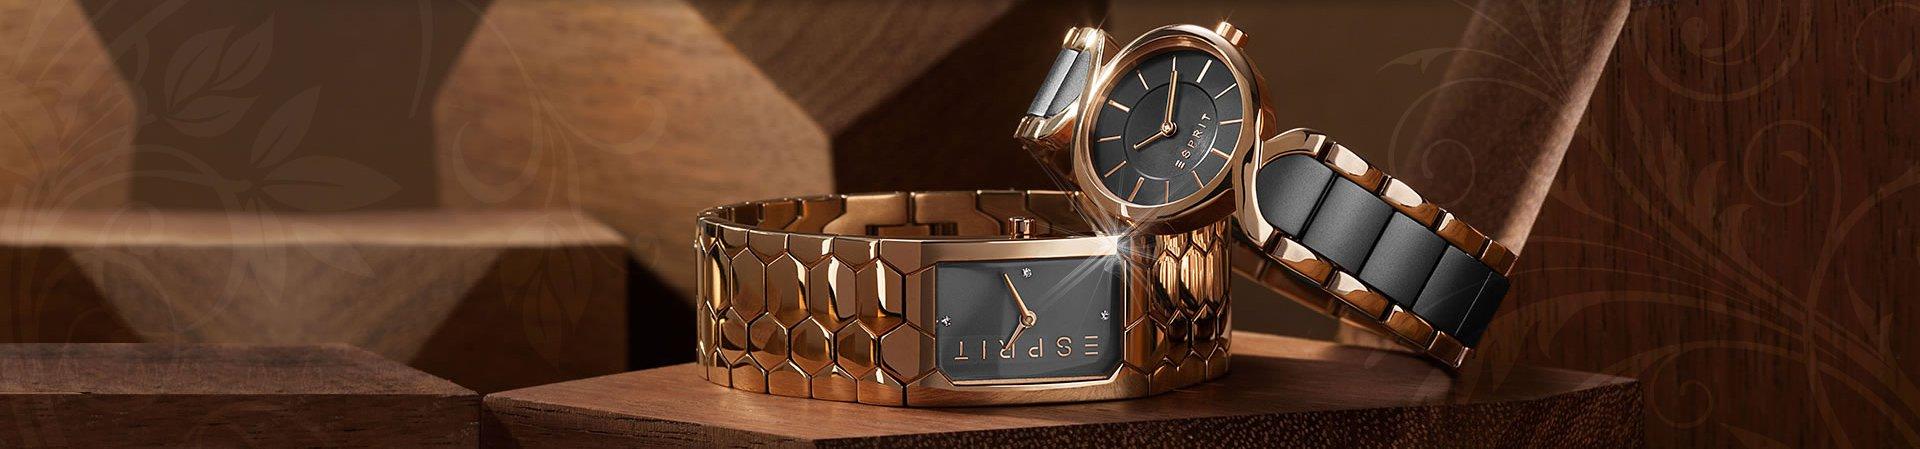 Wyjątkowe zegarki firmy esprit